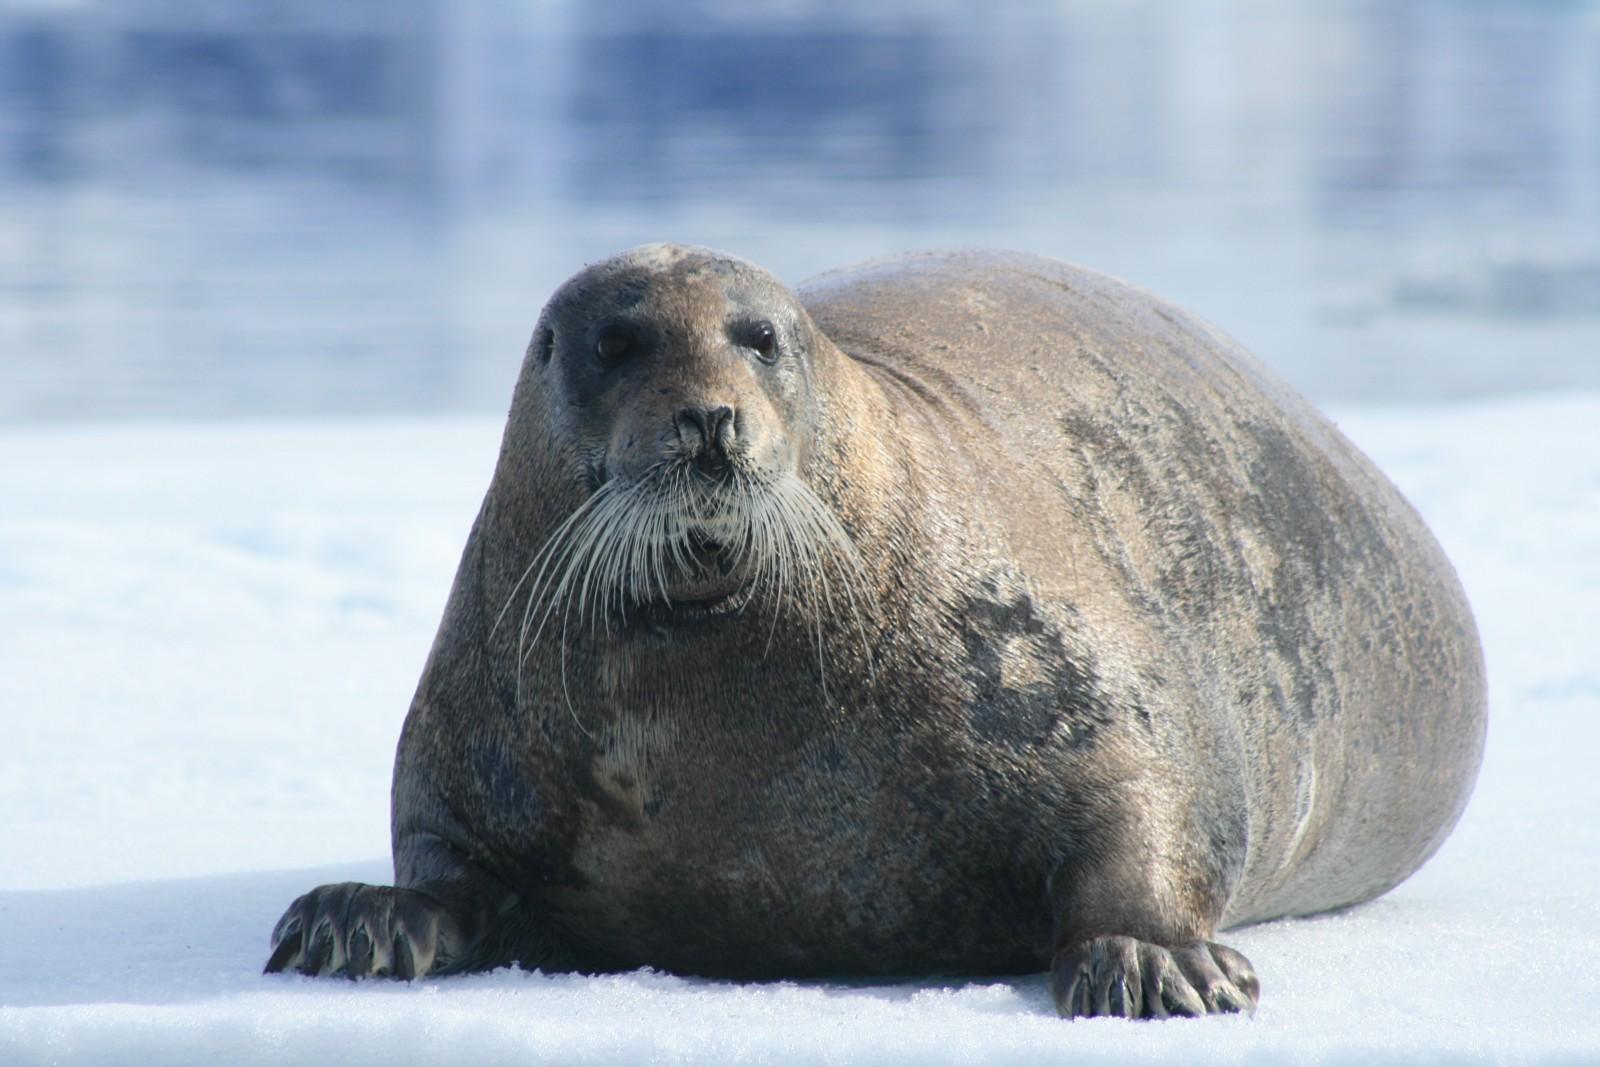 Los mamíferos huyeron al mar tras detectar la presencia de un grupo de turistas